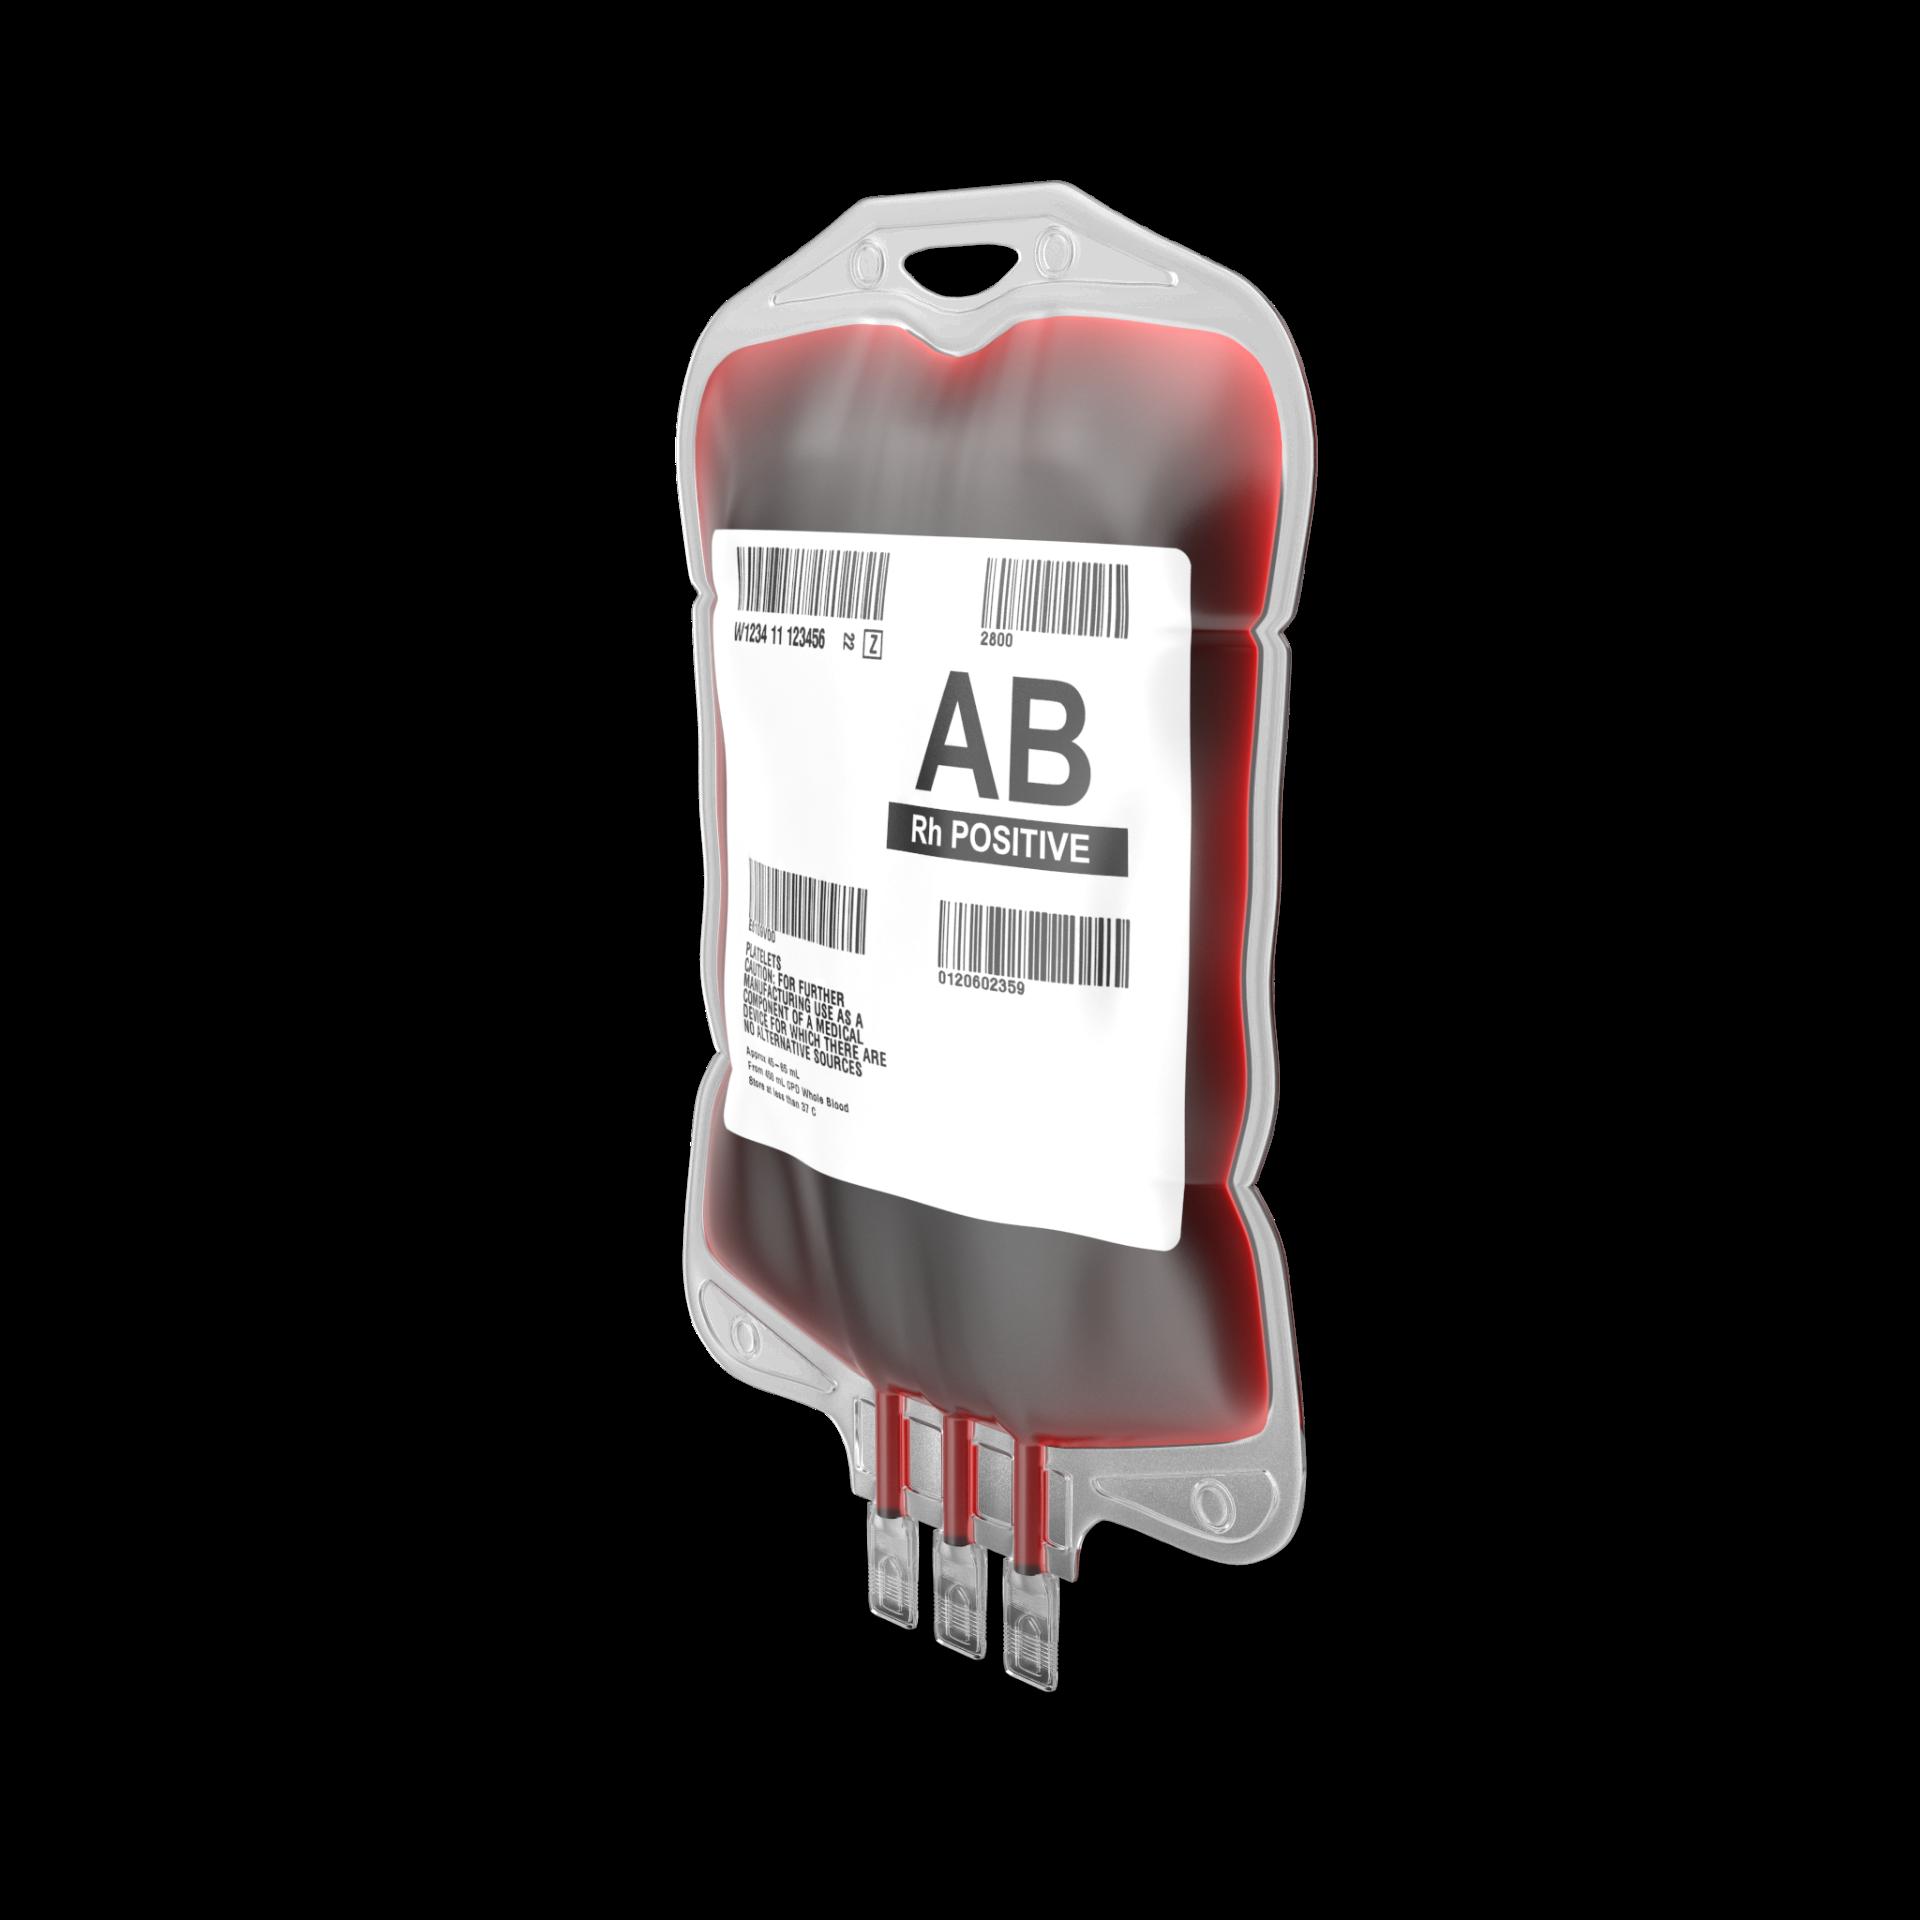 La donación de sangre para profesionales de la salud - Donación Sangre